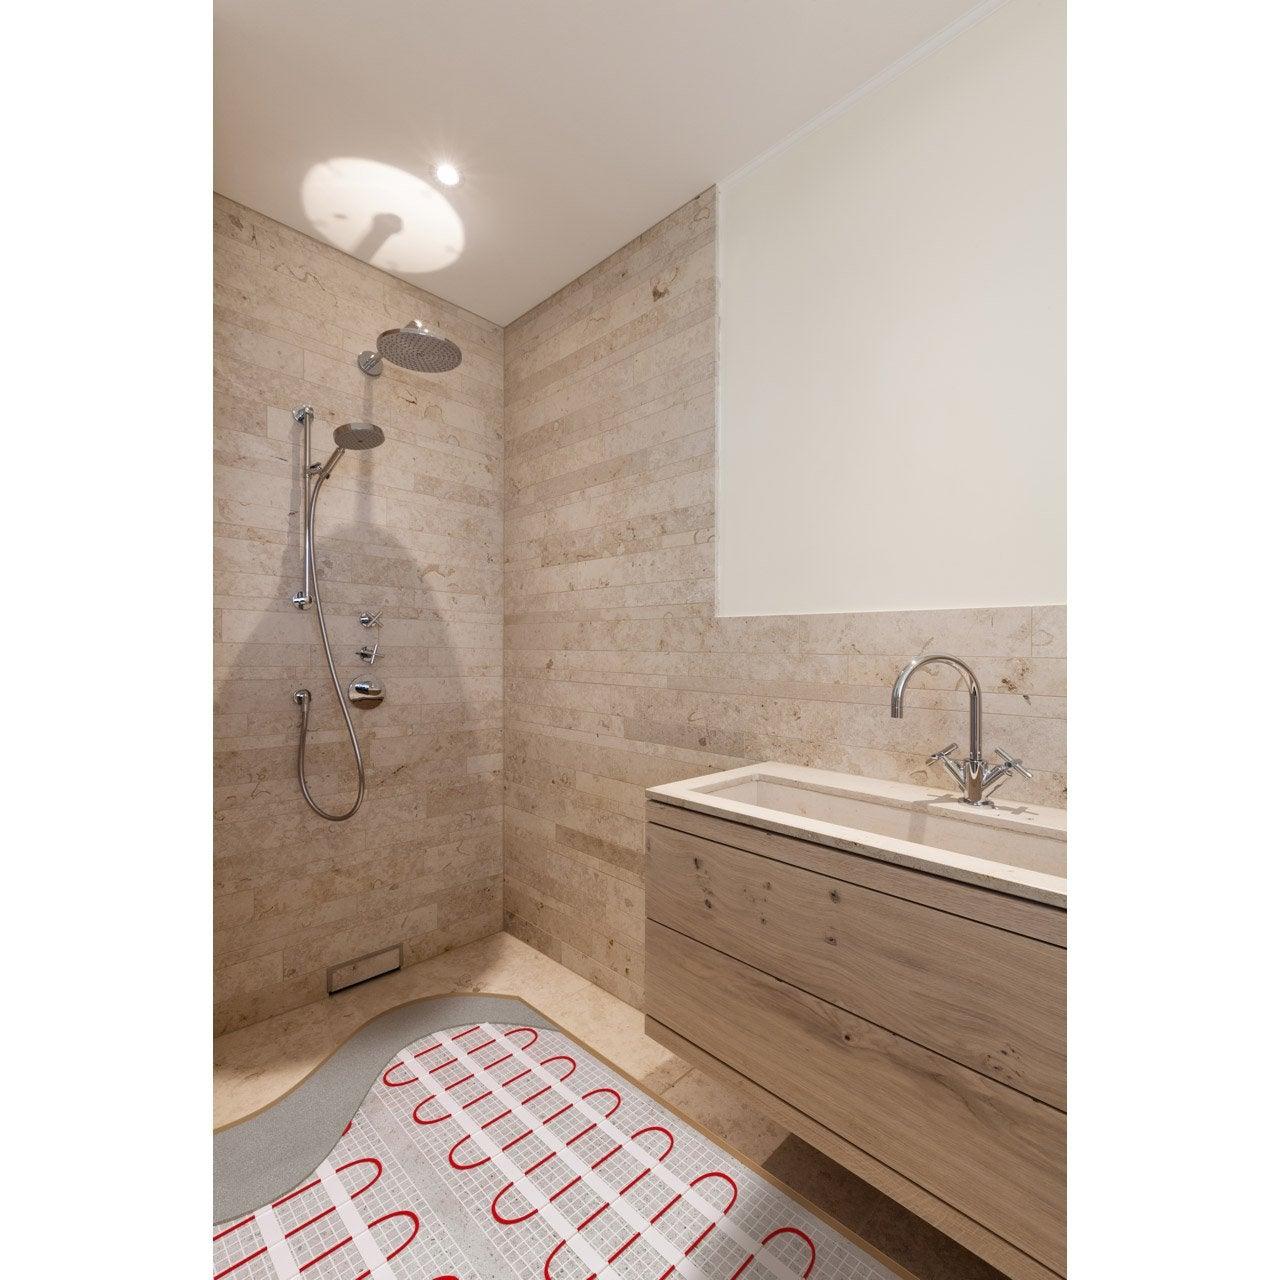 plancher chauffant electrique sur carrelage existant. Black Bedroom Furniture Sets. Home Design Ideas